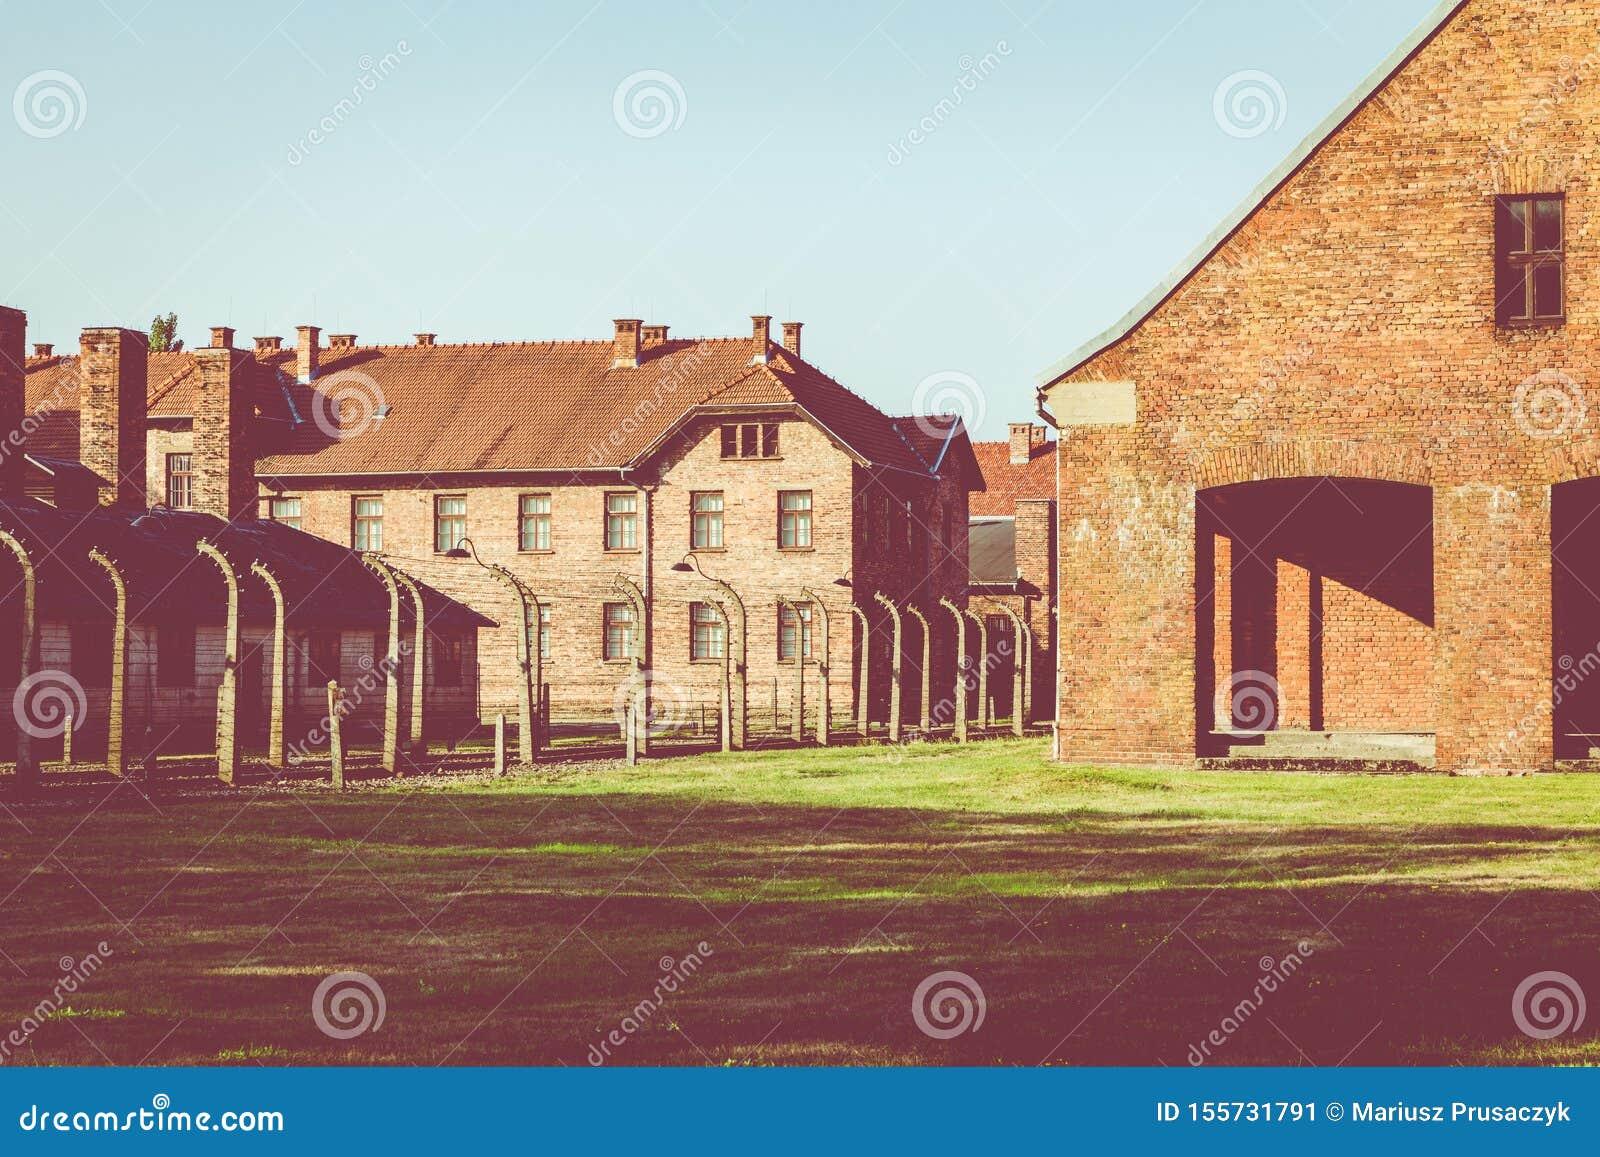 AUSCHWITZ-BIRKENAU, POLAND - AUGUST 12, 2019: Holocaust Memorial Museum. Part of Auschwitz- Birkenau Concentration Camp Holocaust